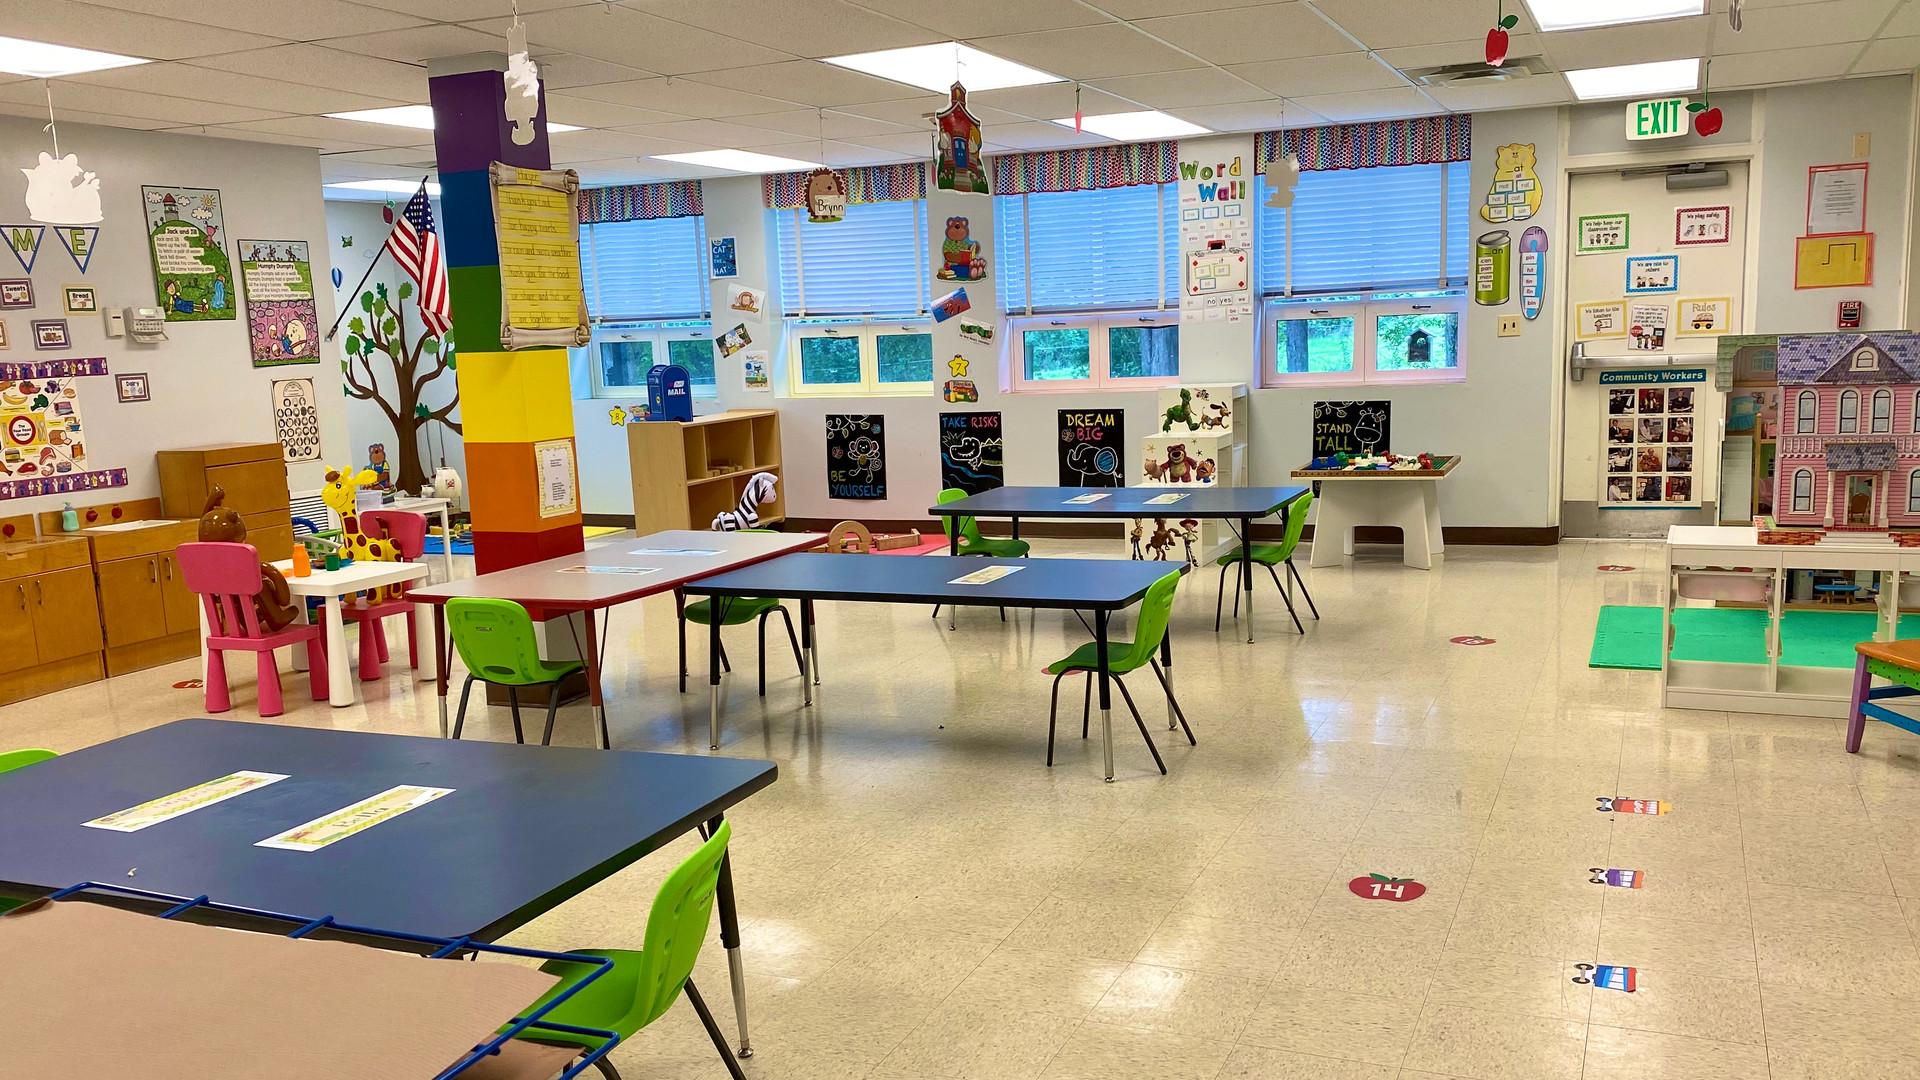 Noah's Ark Classroom